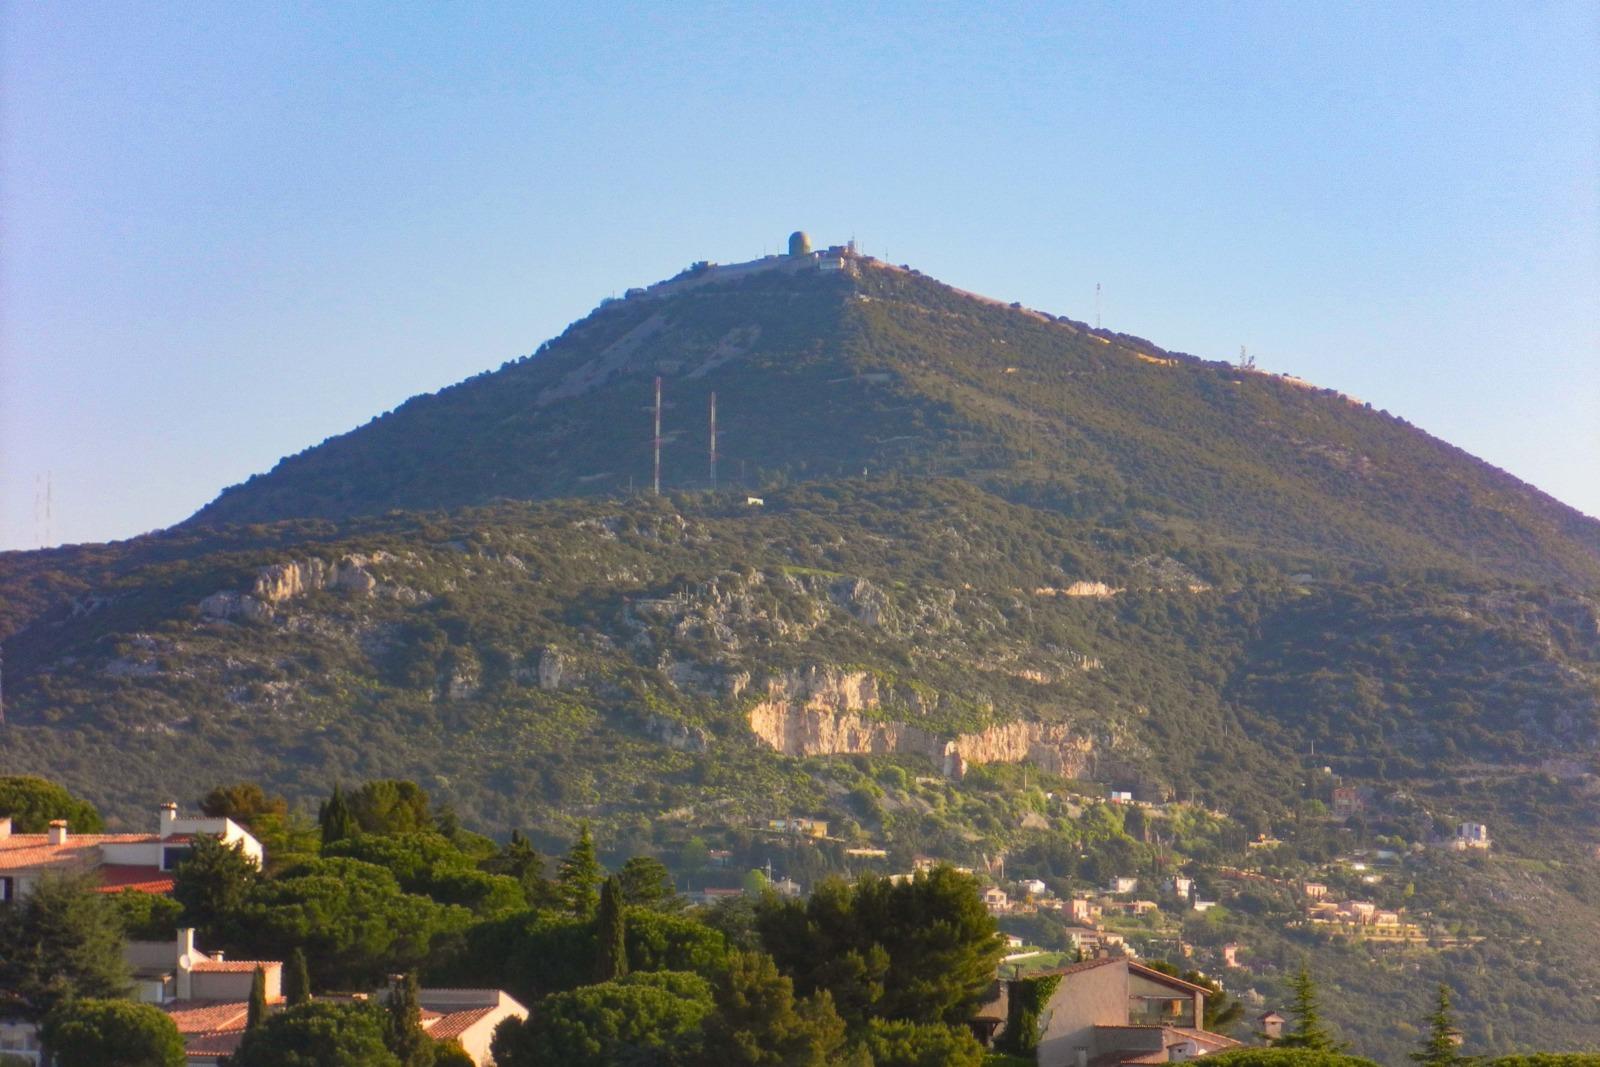 Mont Agel from La Turbie. Photo: Andre86 (Public Domain)